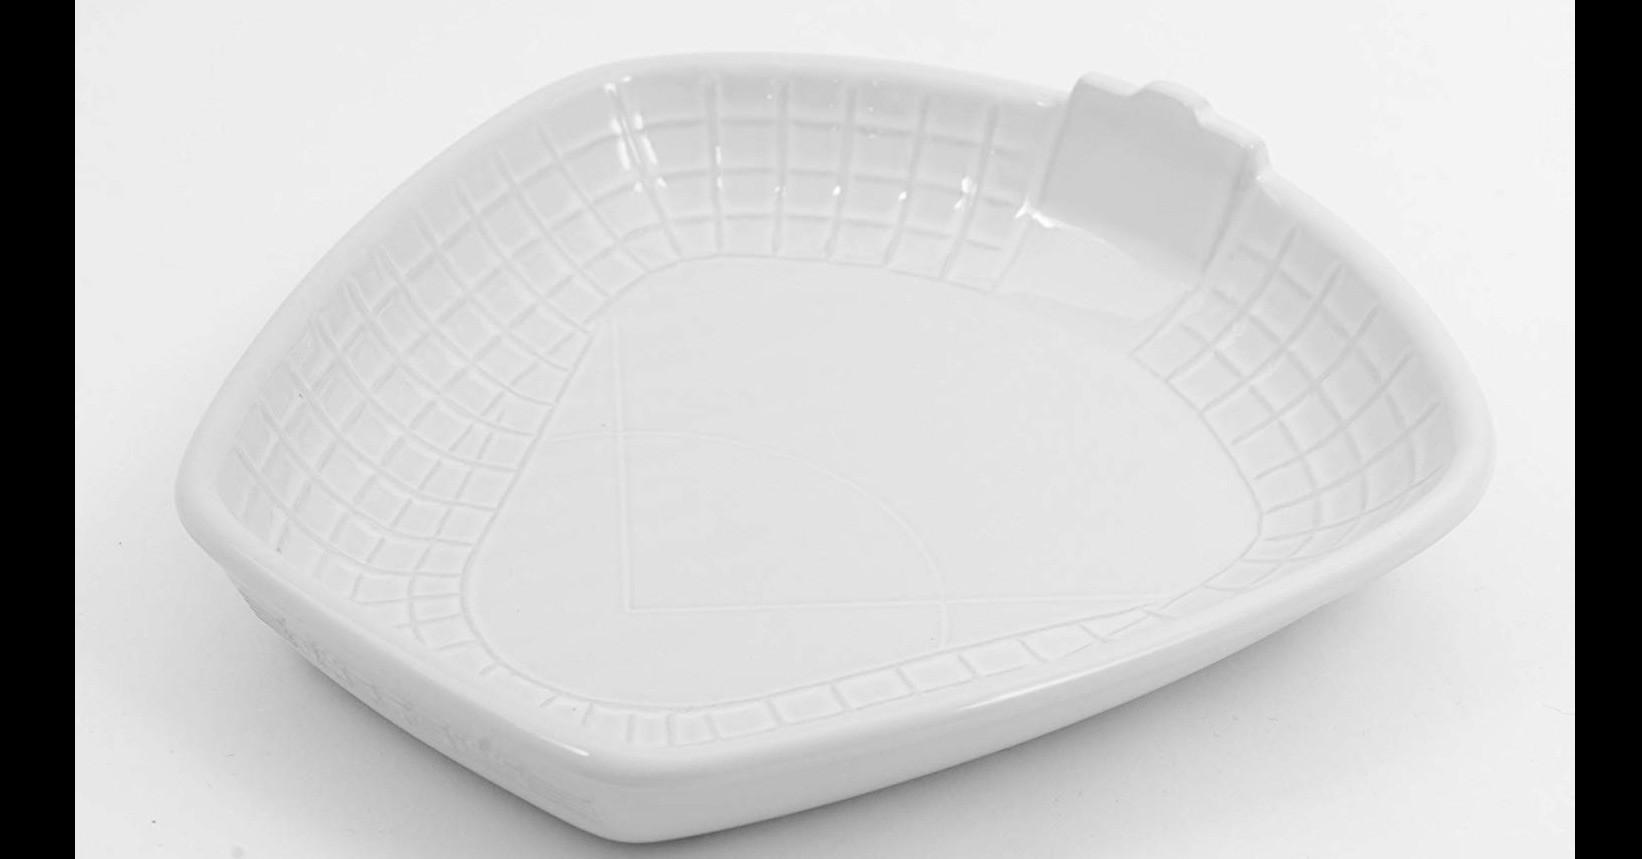 阪神甲子園球場官方認証的甲子園球場瓷盤